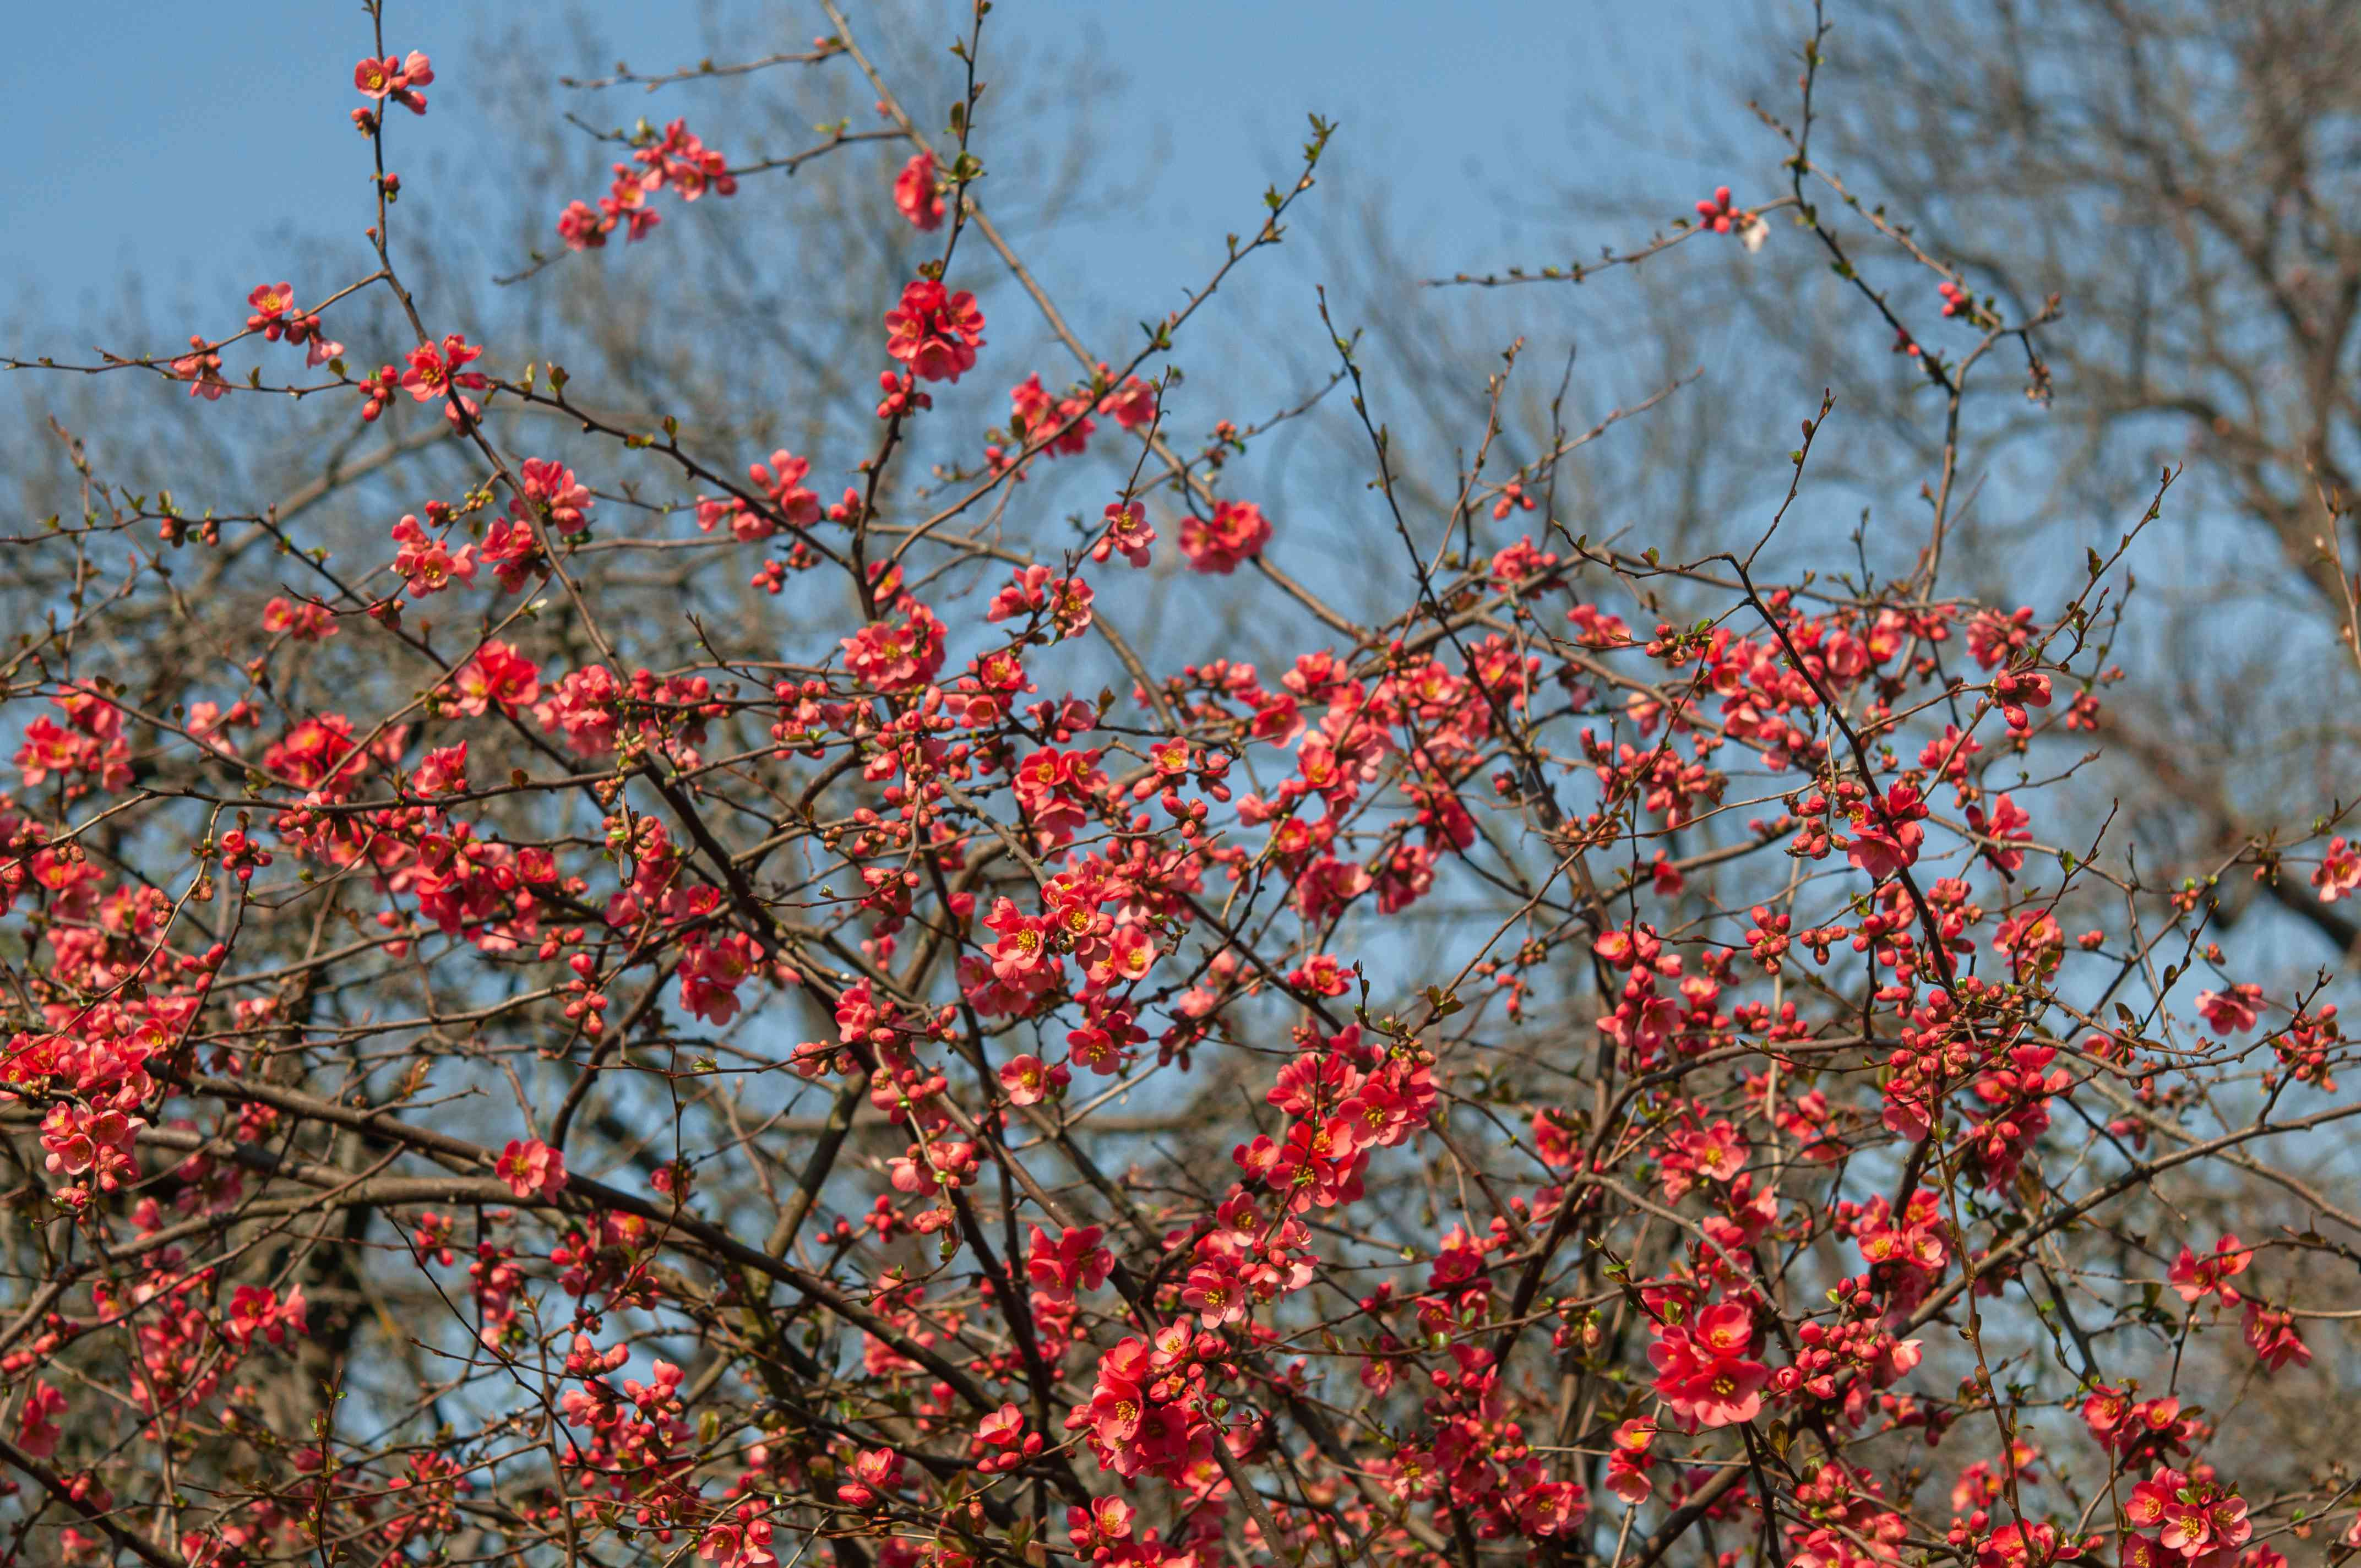 flowering quince shrub